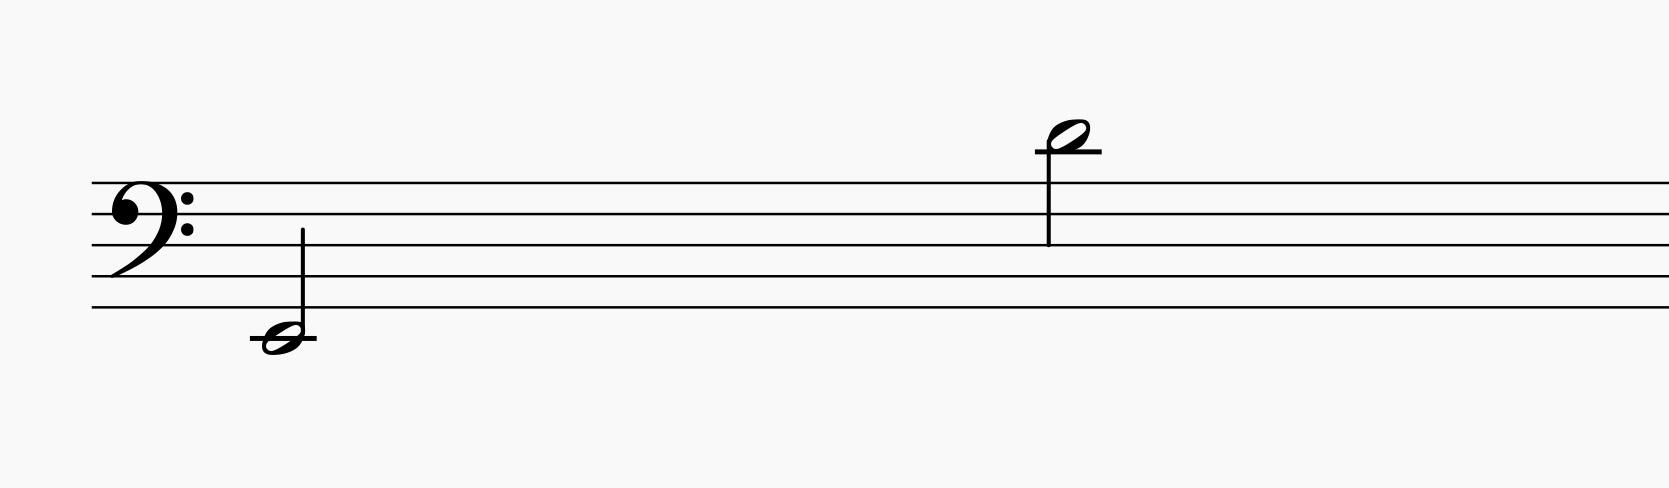 True bass voice range